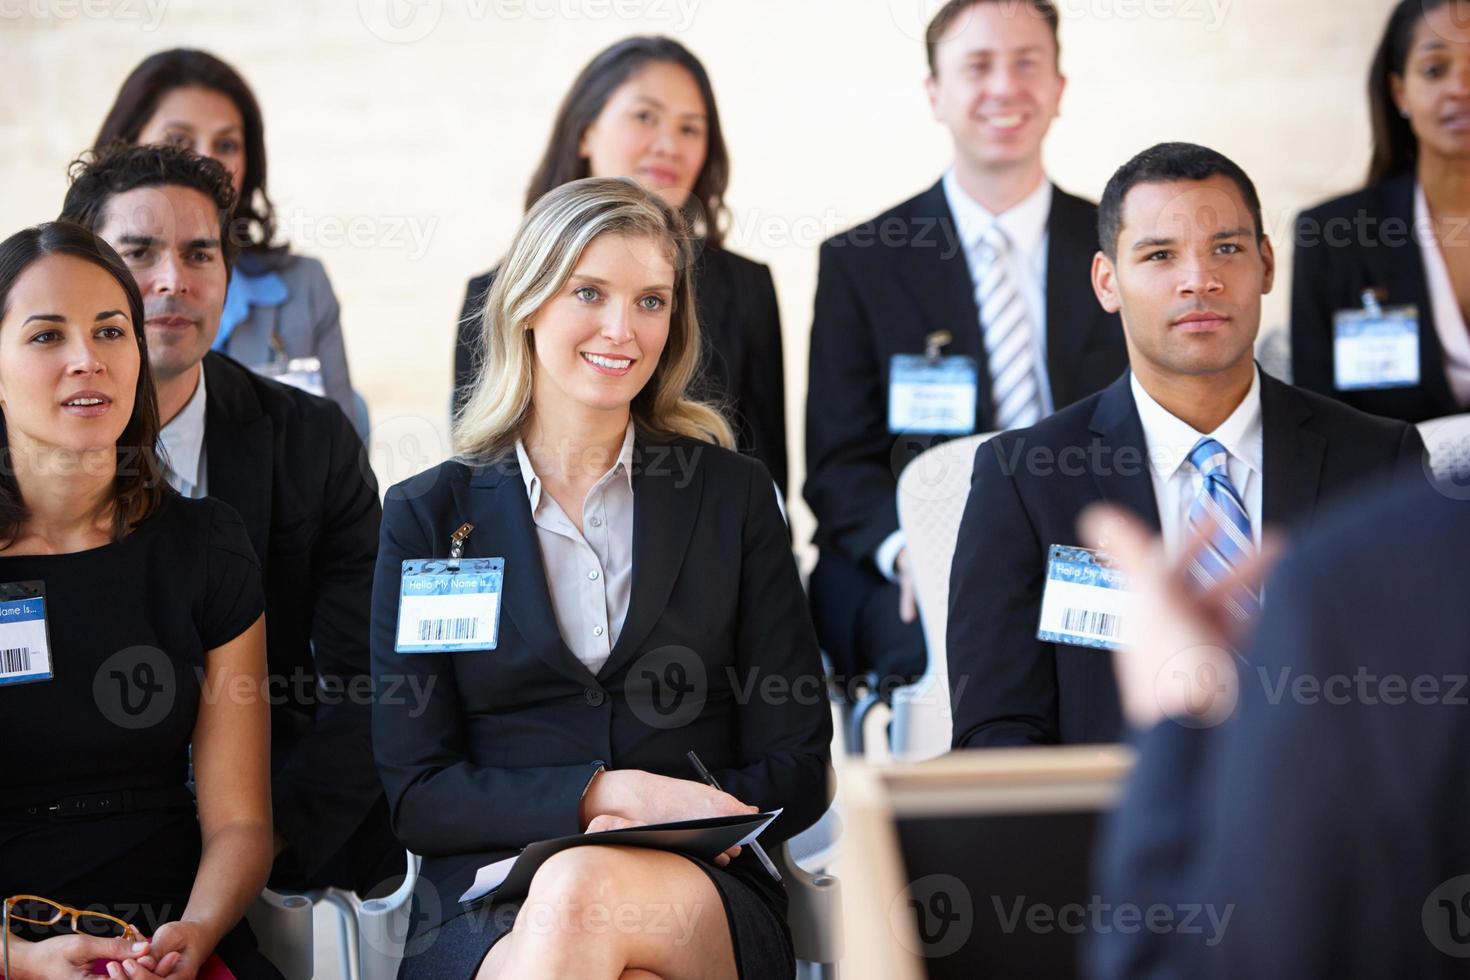 delegados ouvindo o orador na conferência foto